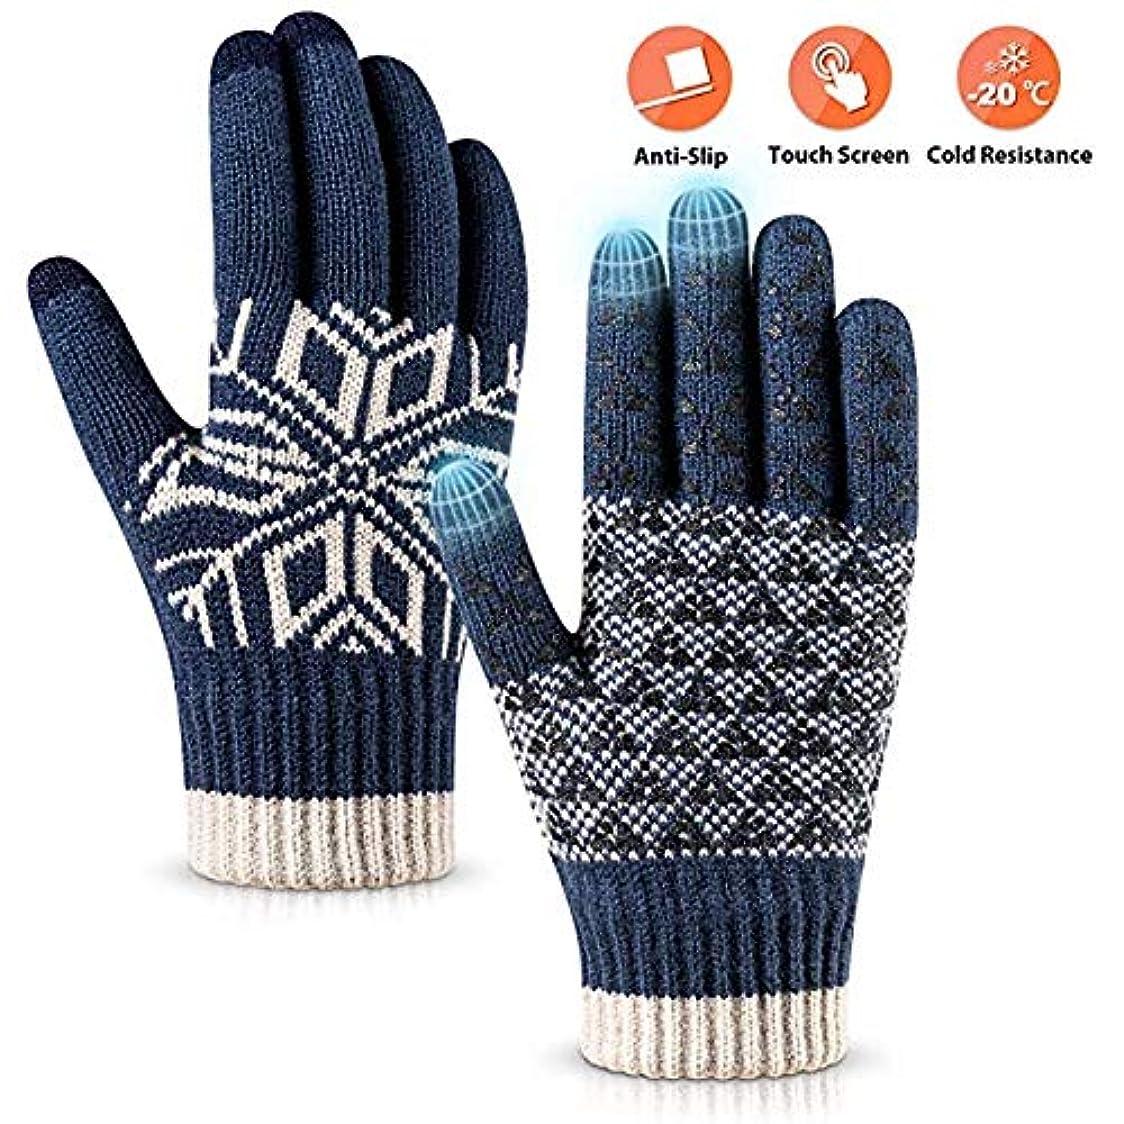 ブレースメールコーヒー冬の手袋暖かいタッチスクリーンニット手袋、サーマルソフトウールライニング弾性カフ、滑り止めラバーデザイン - メンズ女性のための肥厚暖かい手袋,ブルー